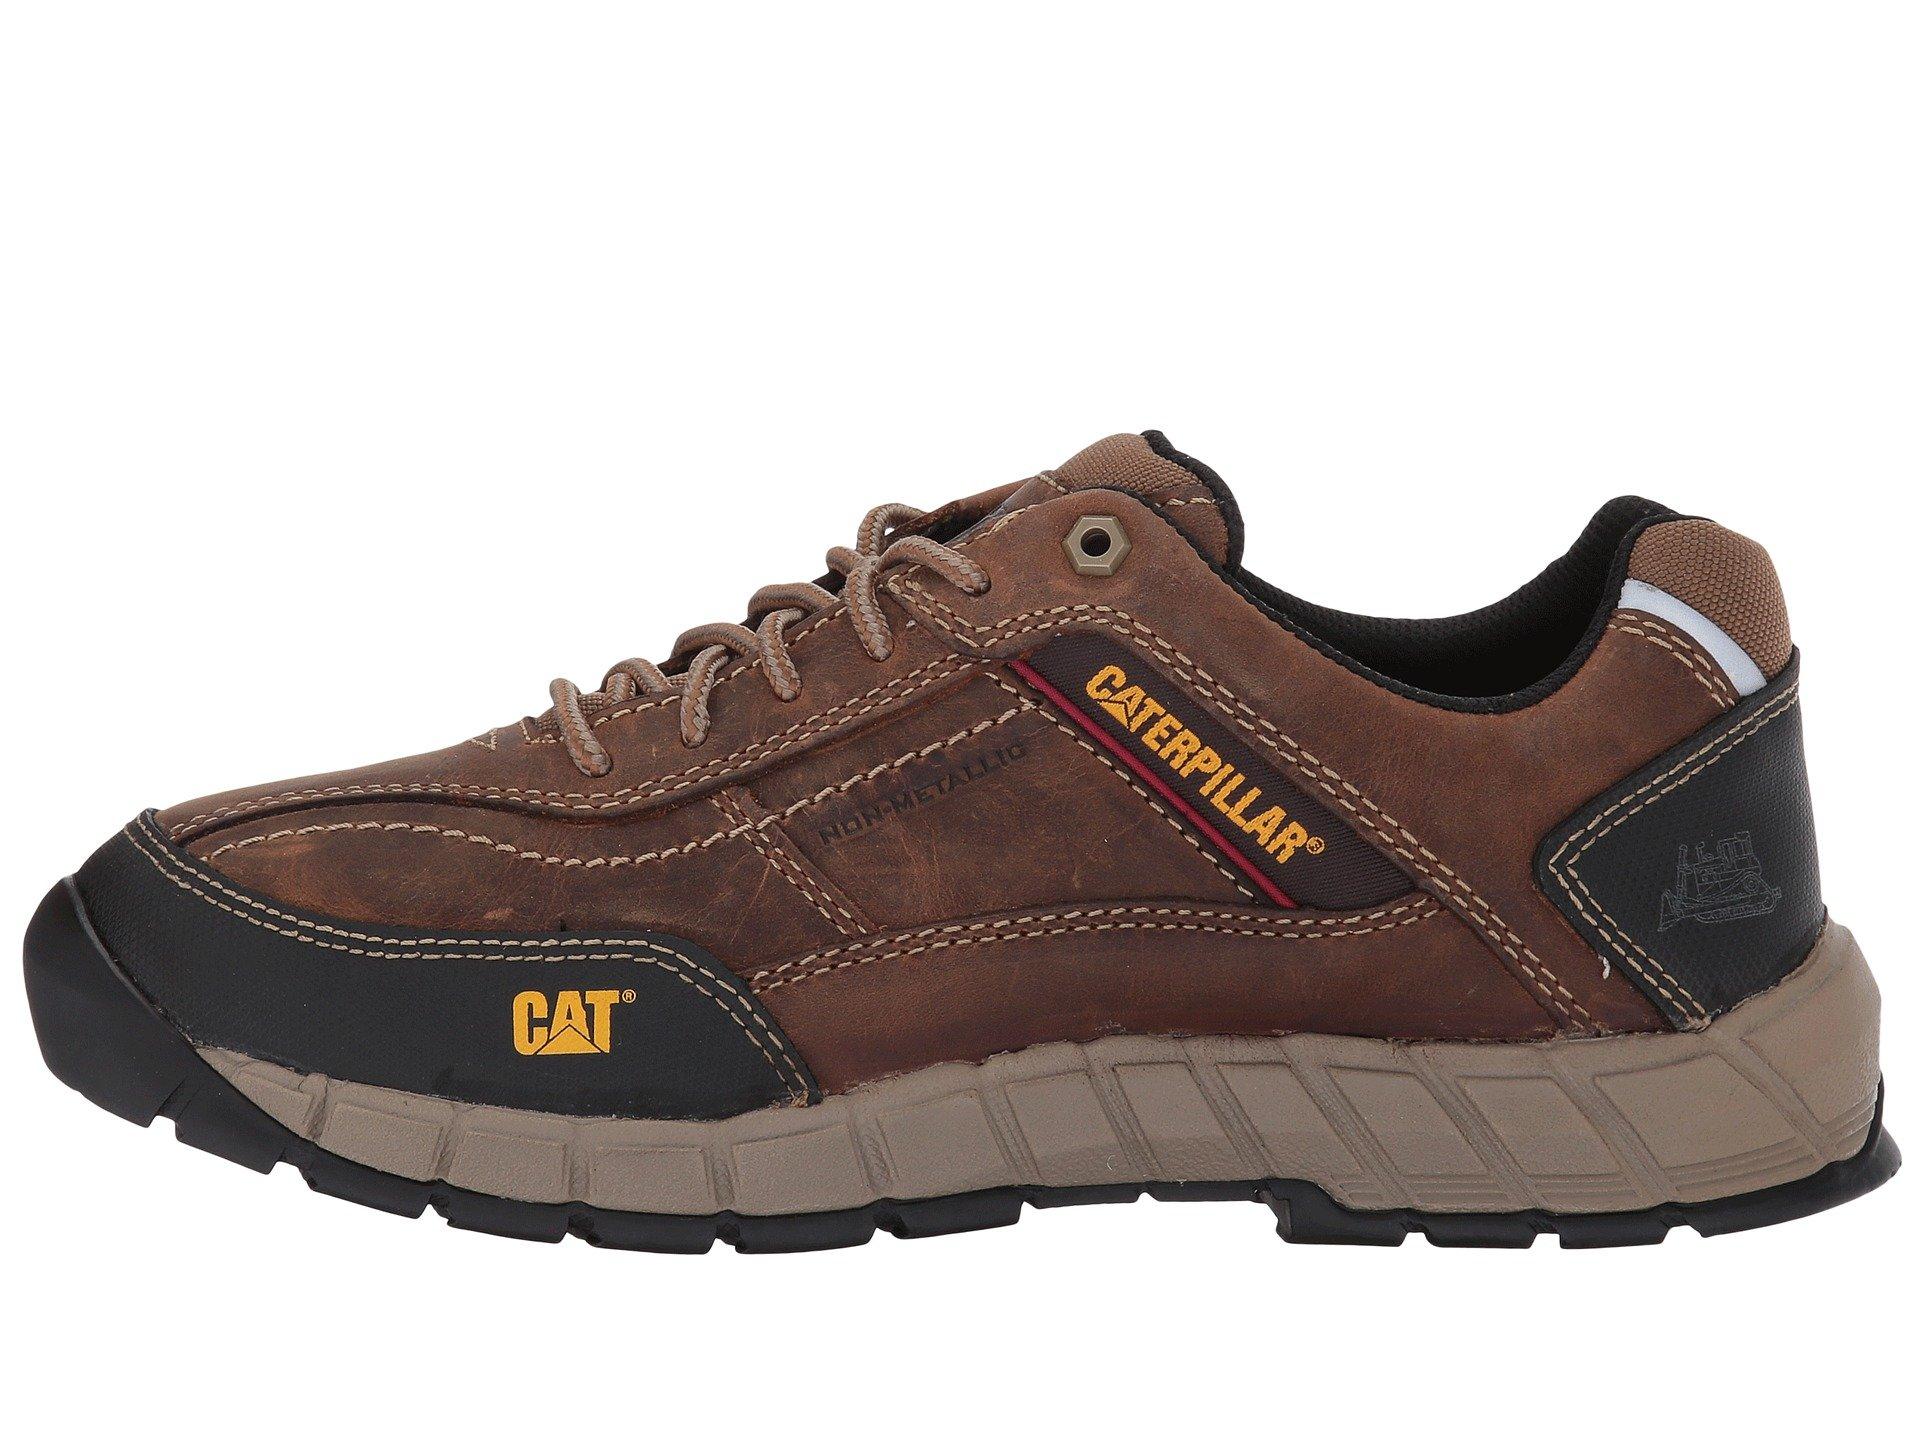 รองเท้า Caterpillar Streamline Soft Toe หัวเหล็ก Size 40 - 45